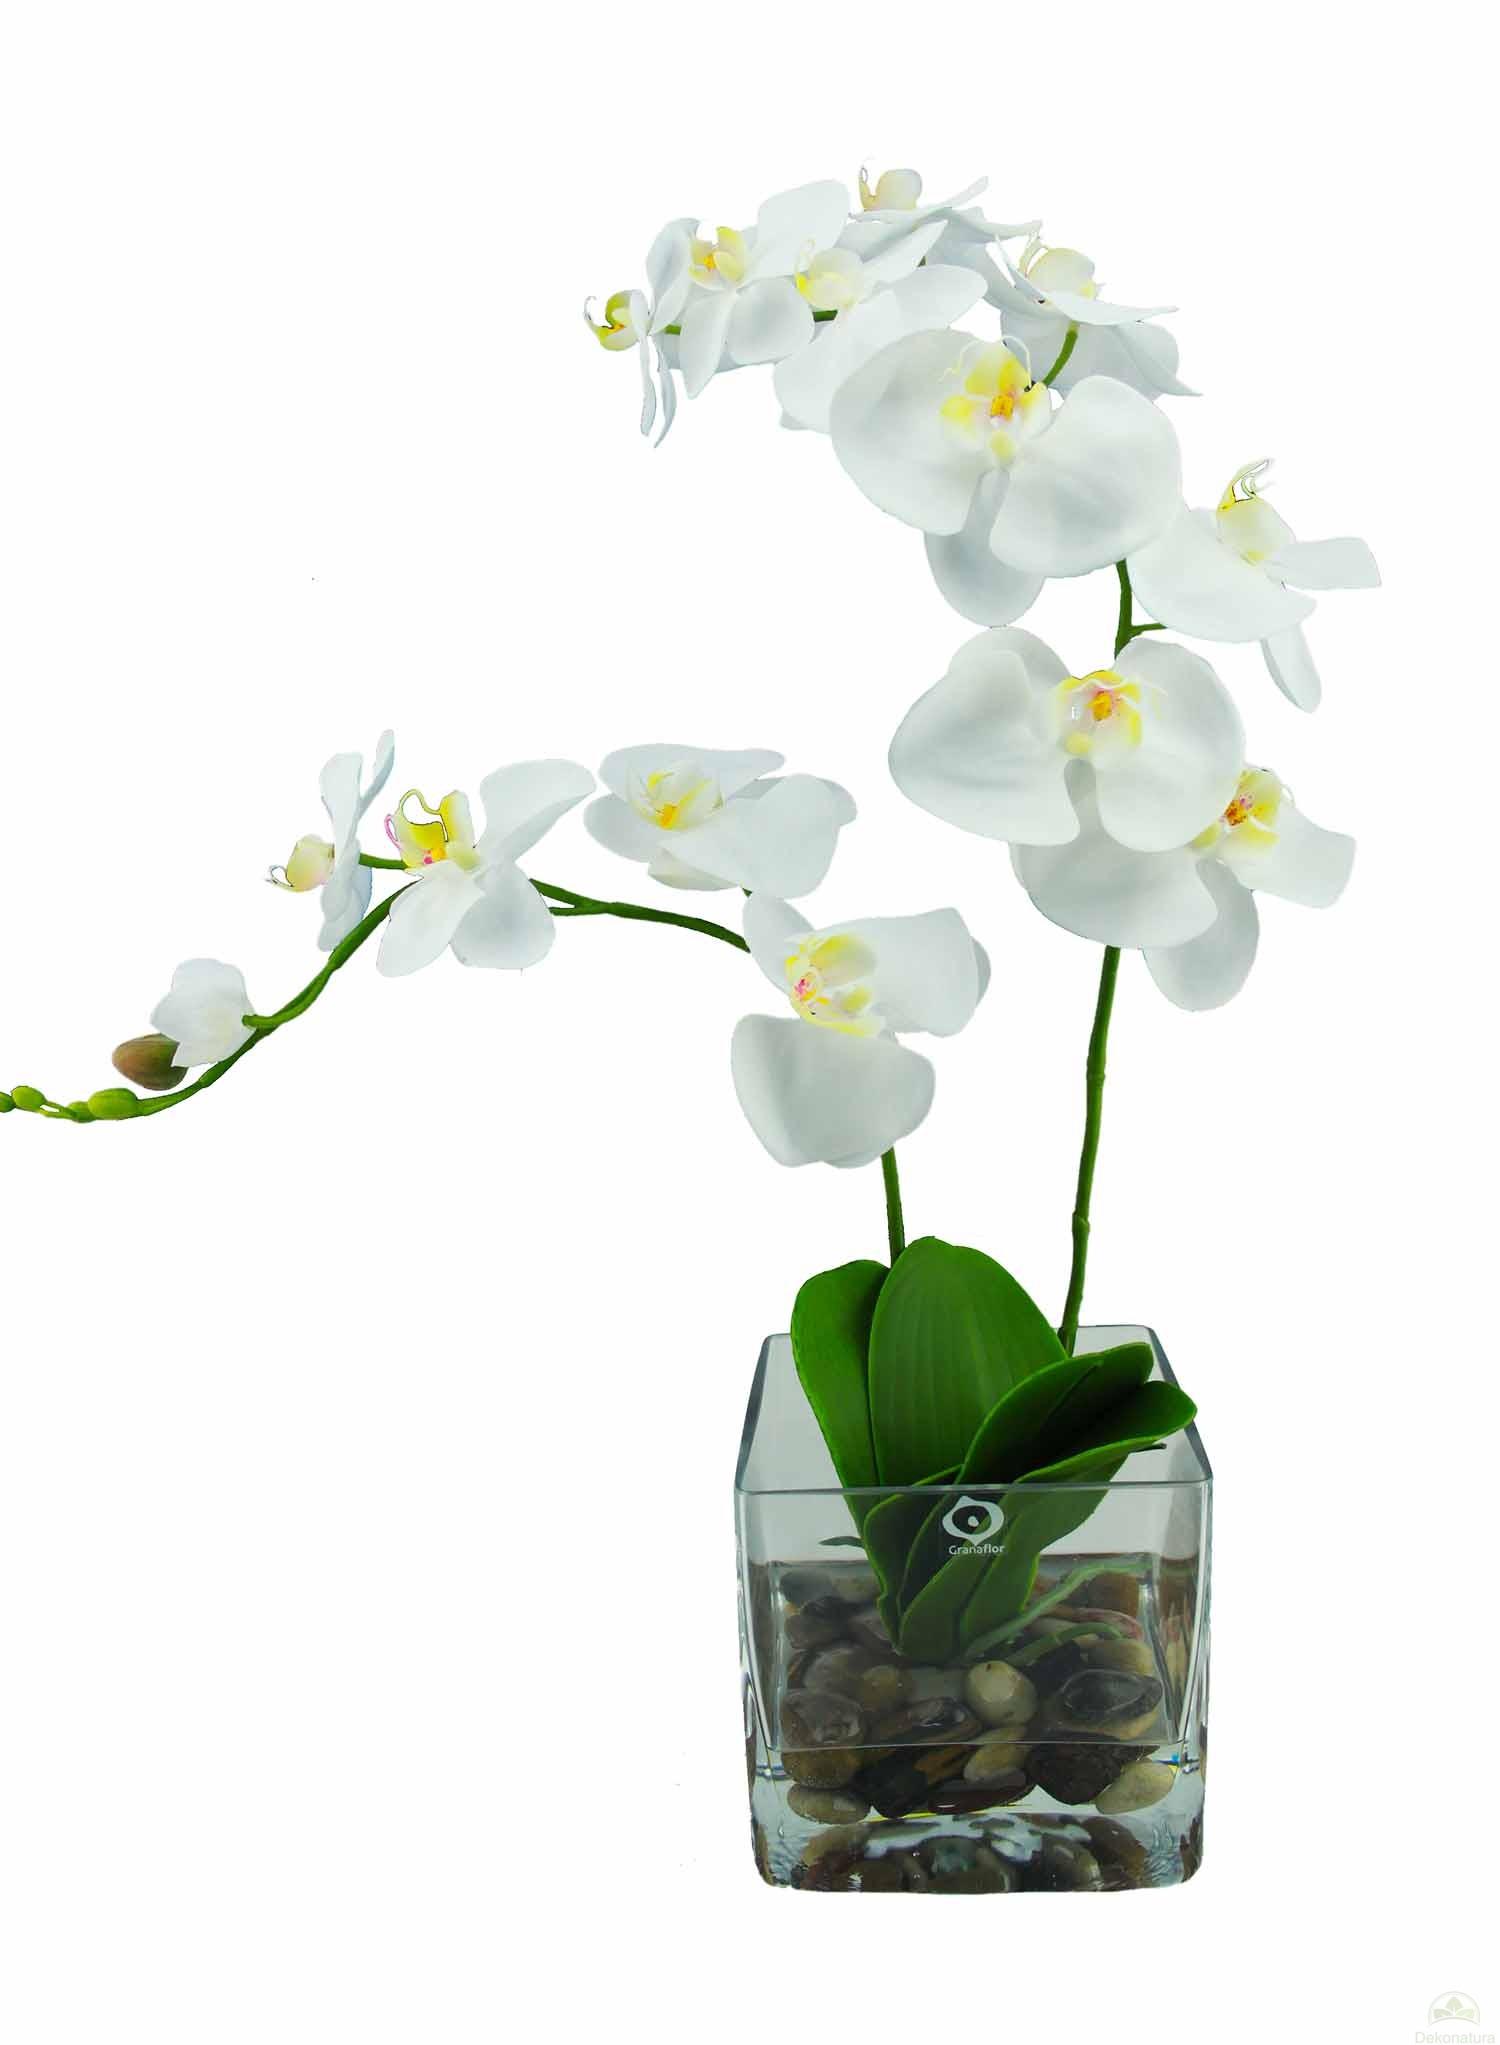 Orquidea natur x 2 en cubo cristal - Tiestos para orquideas ...